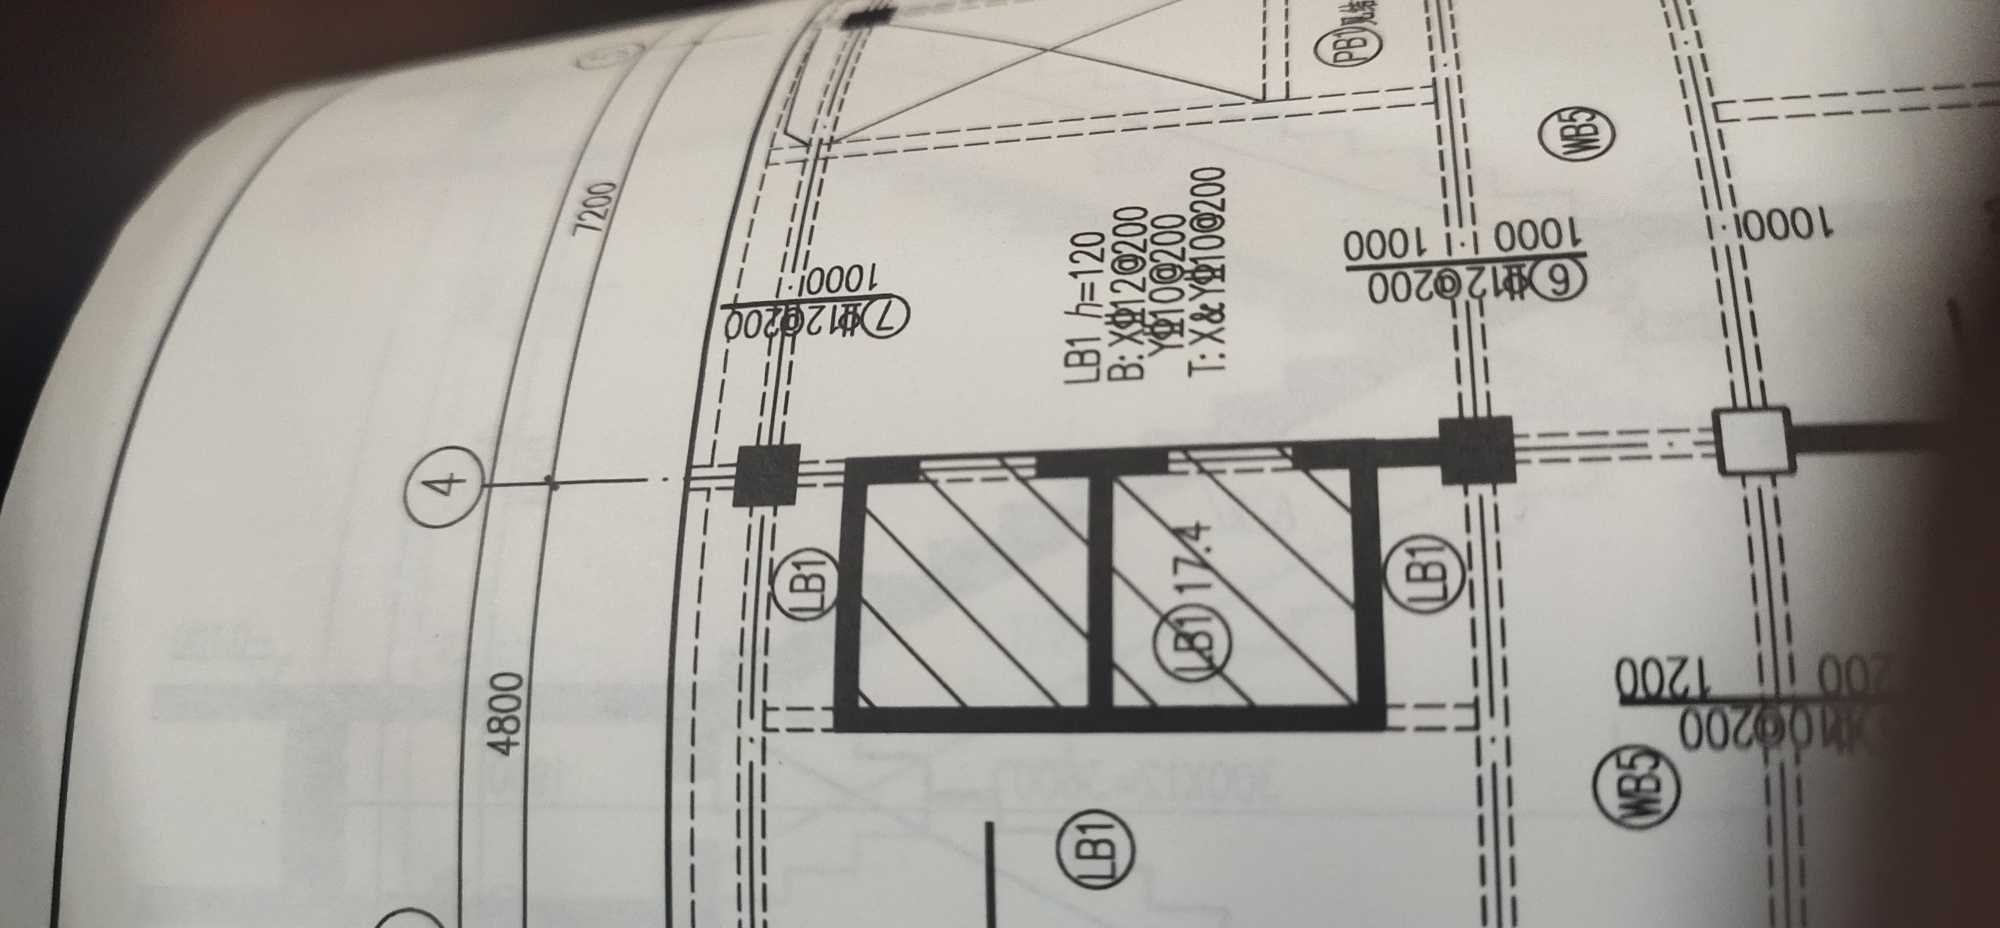 土建,山东,装饰,答疑:图中阴影部分是表示后浇板吗?-山东土建,装饰,